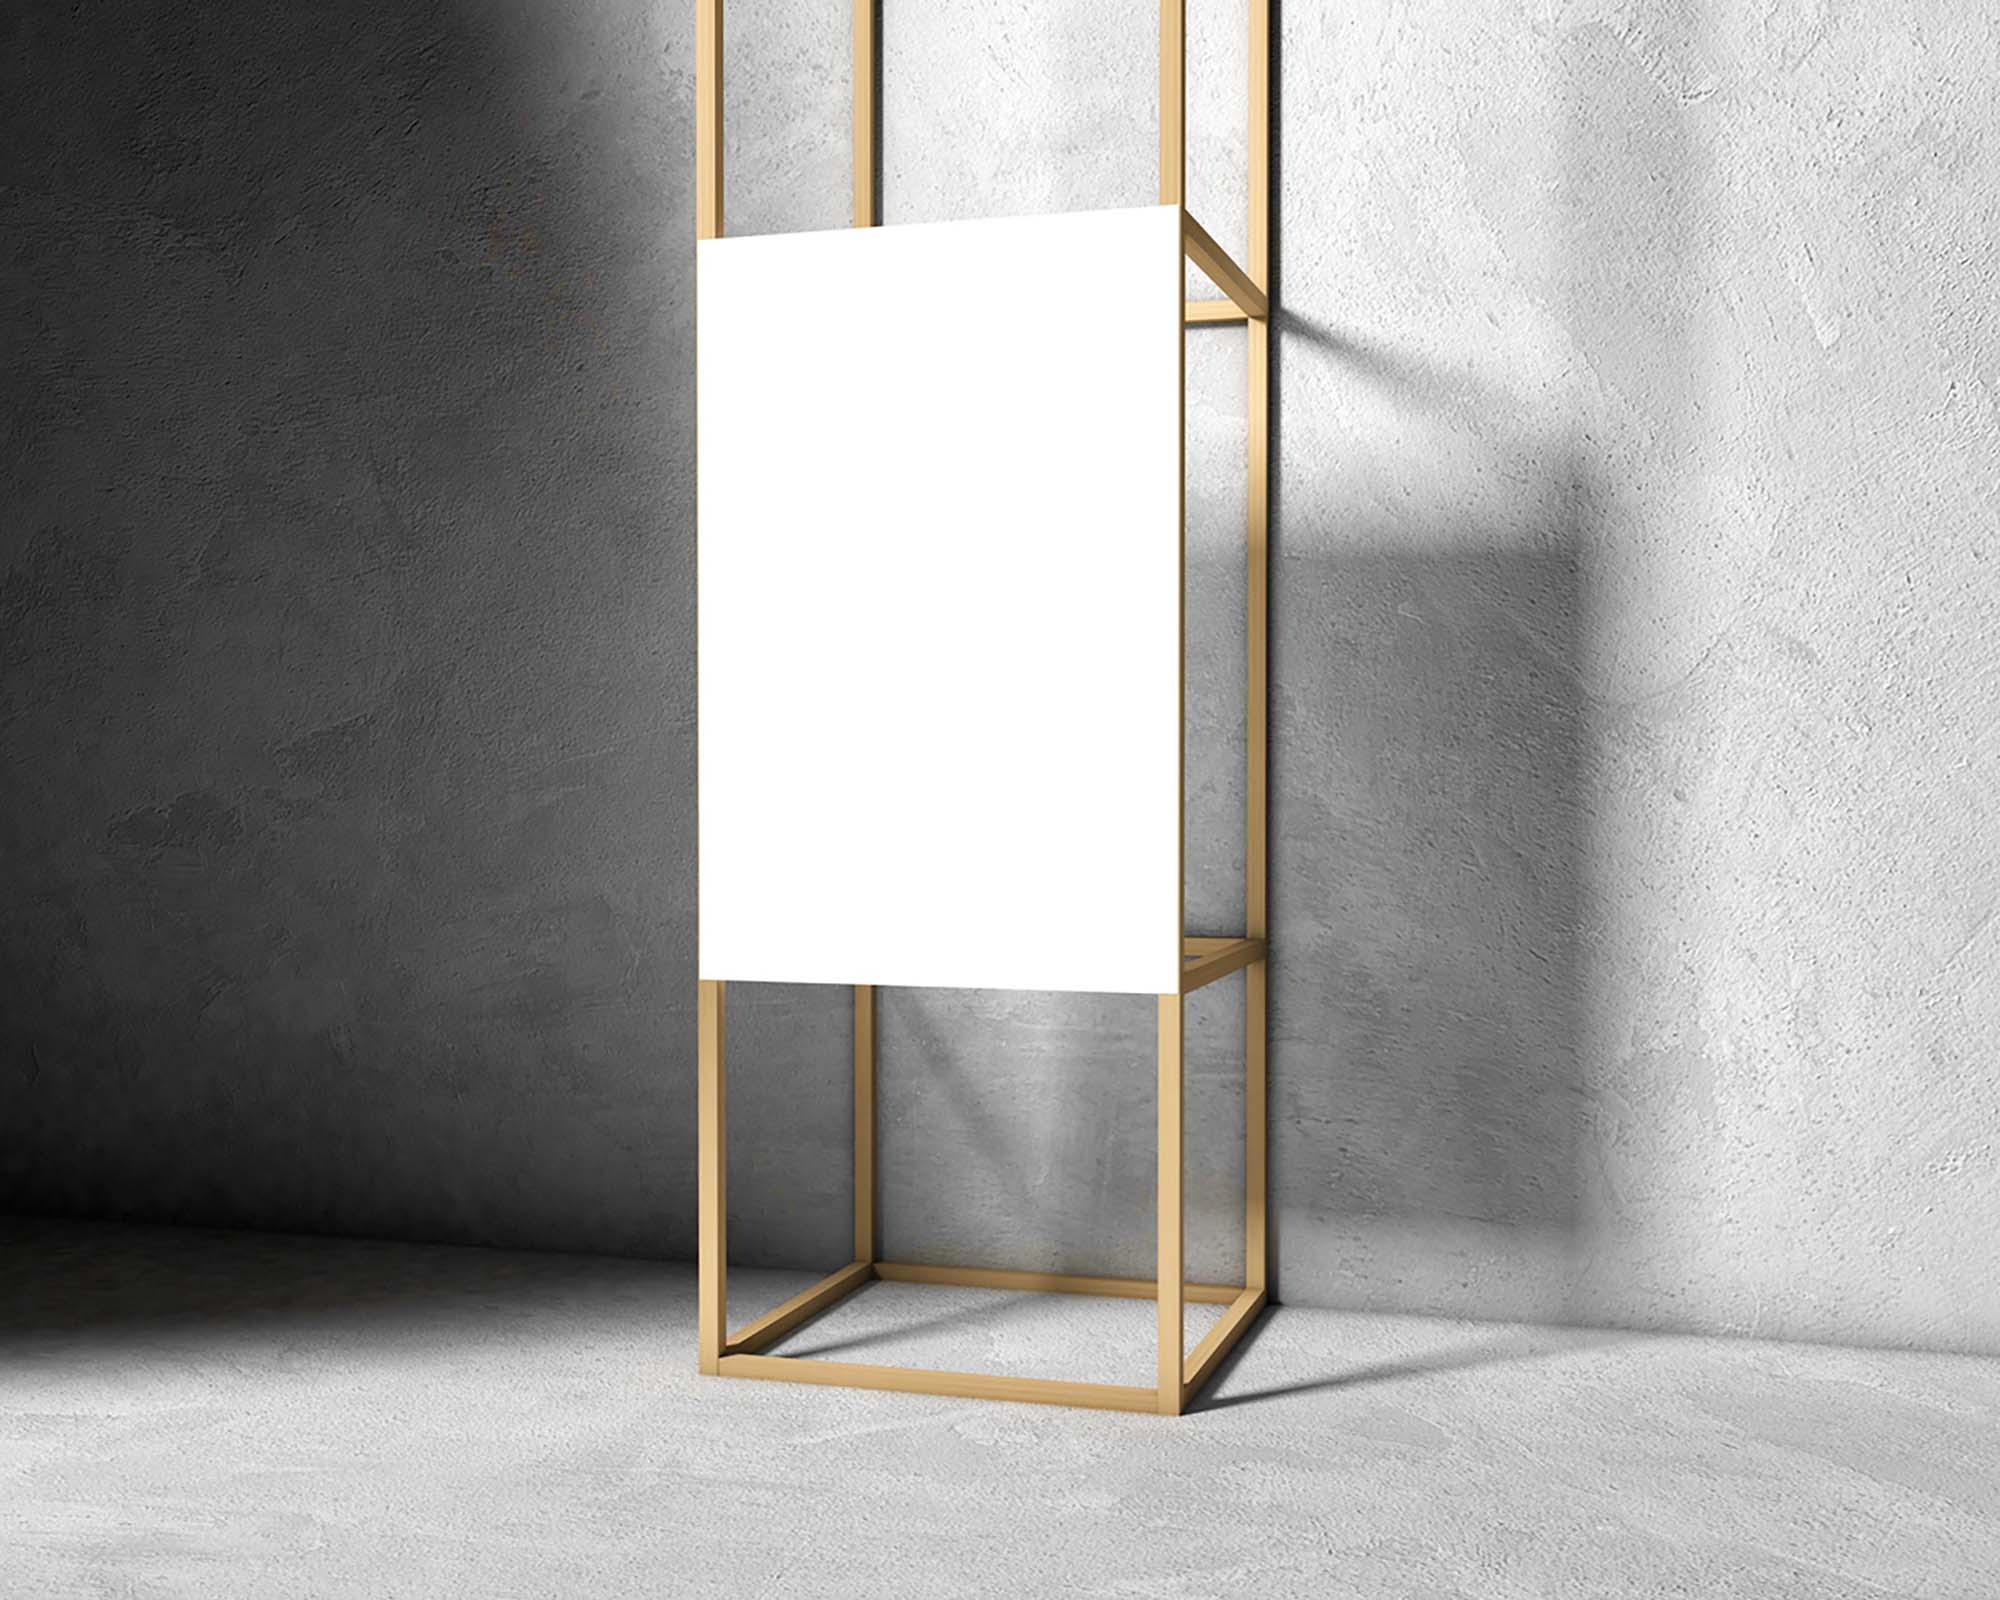 Wooden Frame Poster Mockup 2